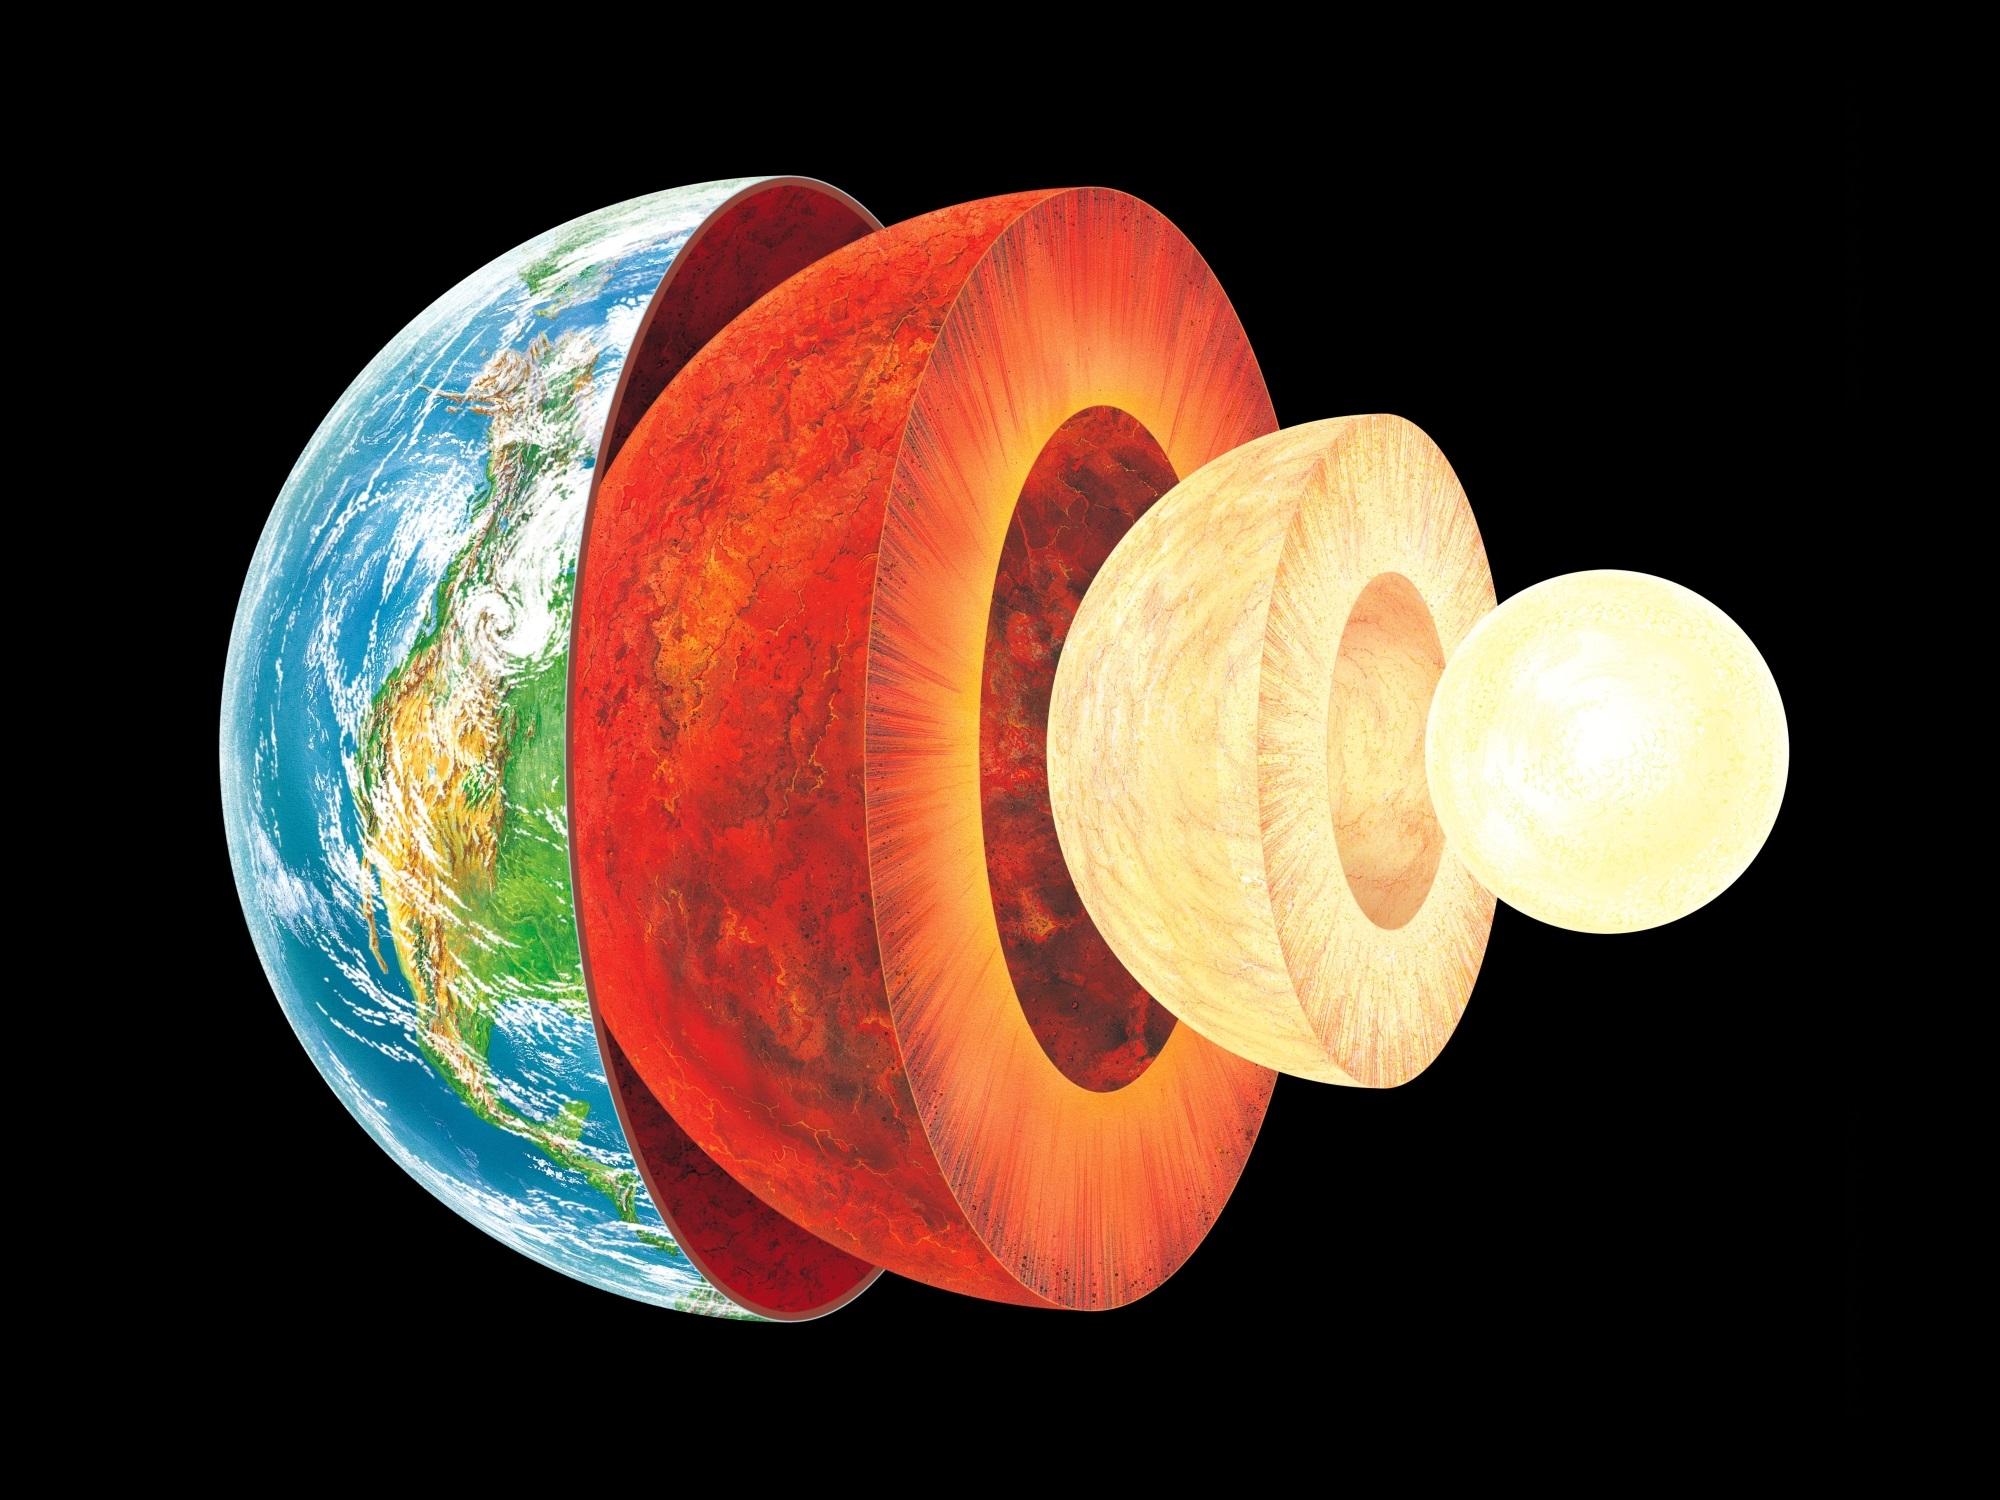 ساختار لایه های مختلف زمین شامل سه لایهٔ اصلی پوسته، گوشته و هسته میباشد و لایههای غیراصلی پوستهٔ قارهای، پوستهٔ اقیانوسی، سنگکره، سستکره، گوشتهٔ بالایی، گوشتهٔ پایینی، هسته بیرونی و هسته درونی است.